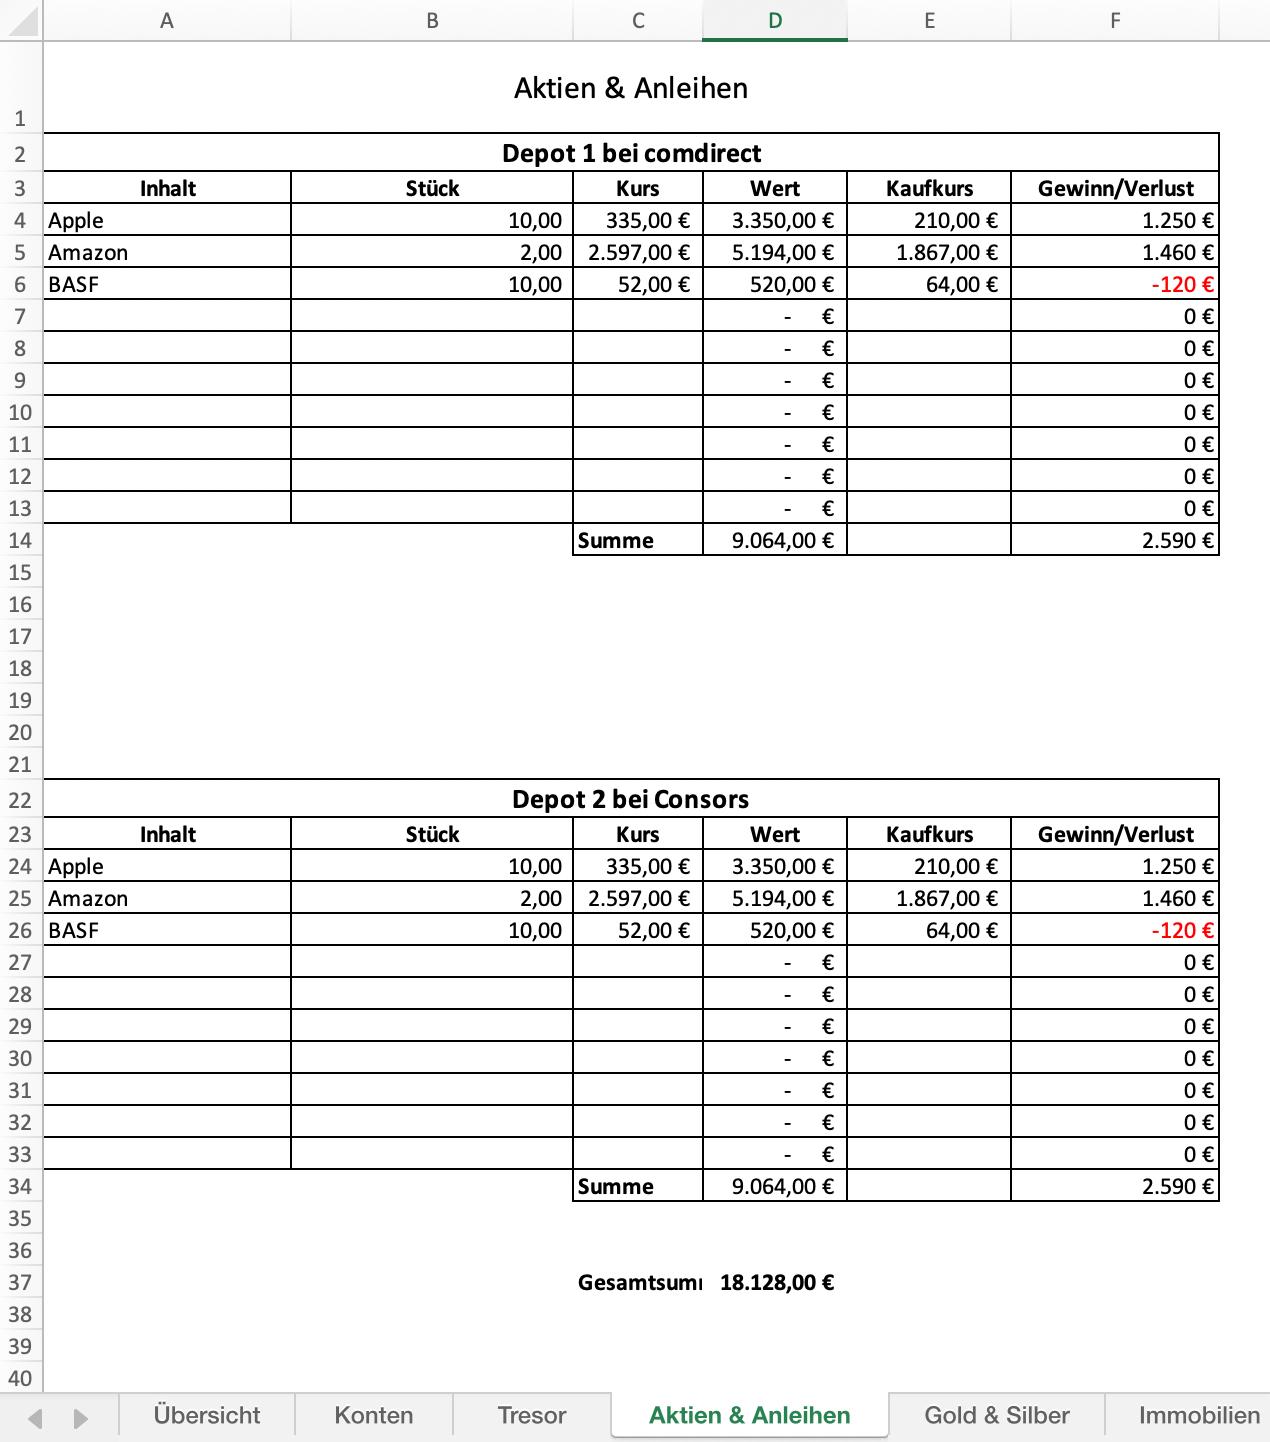 Vermogensaufstellung Mit Excel